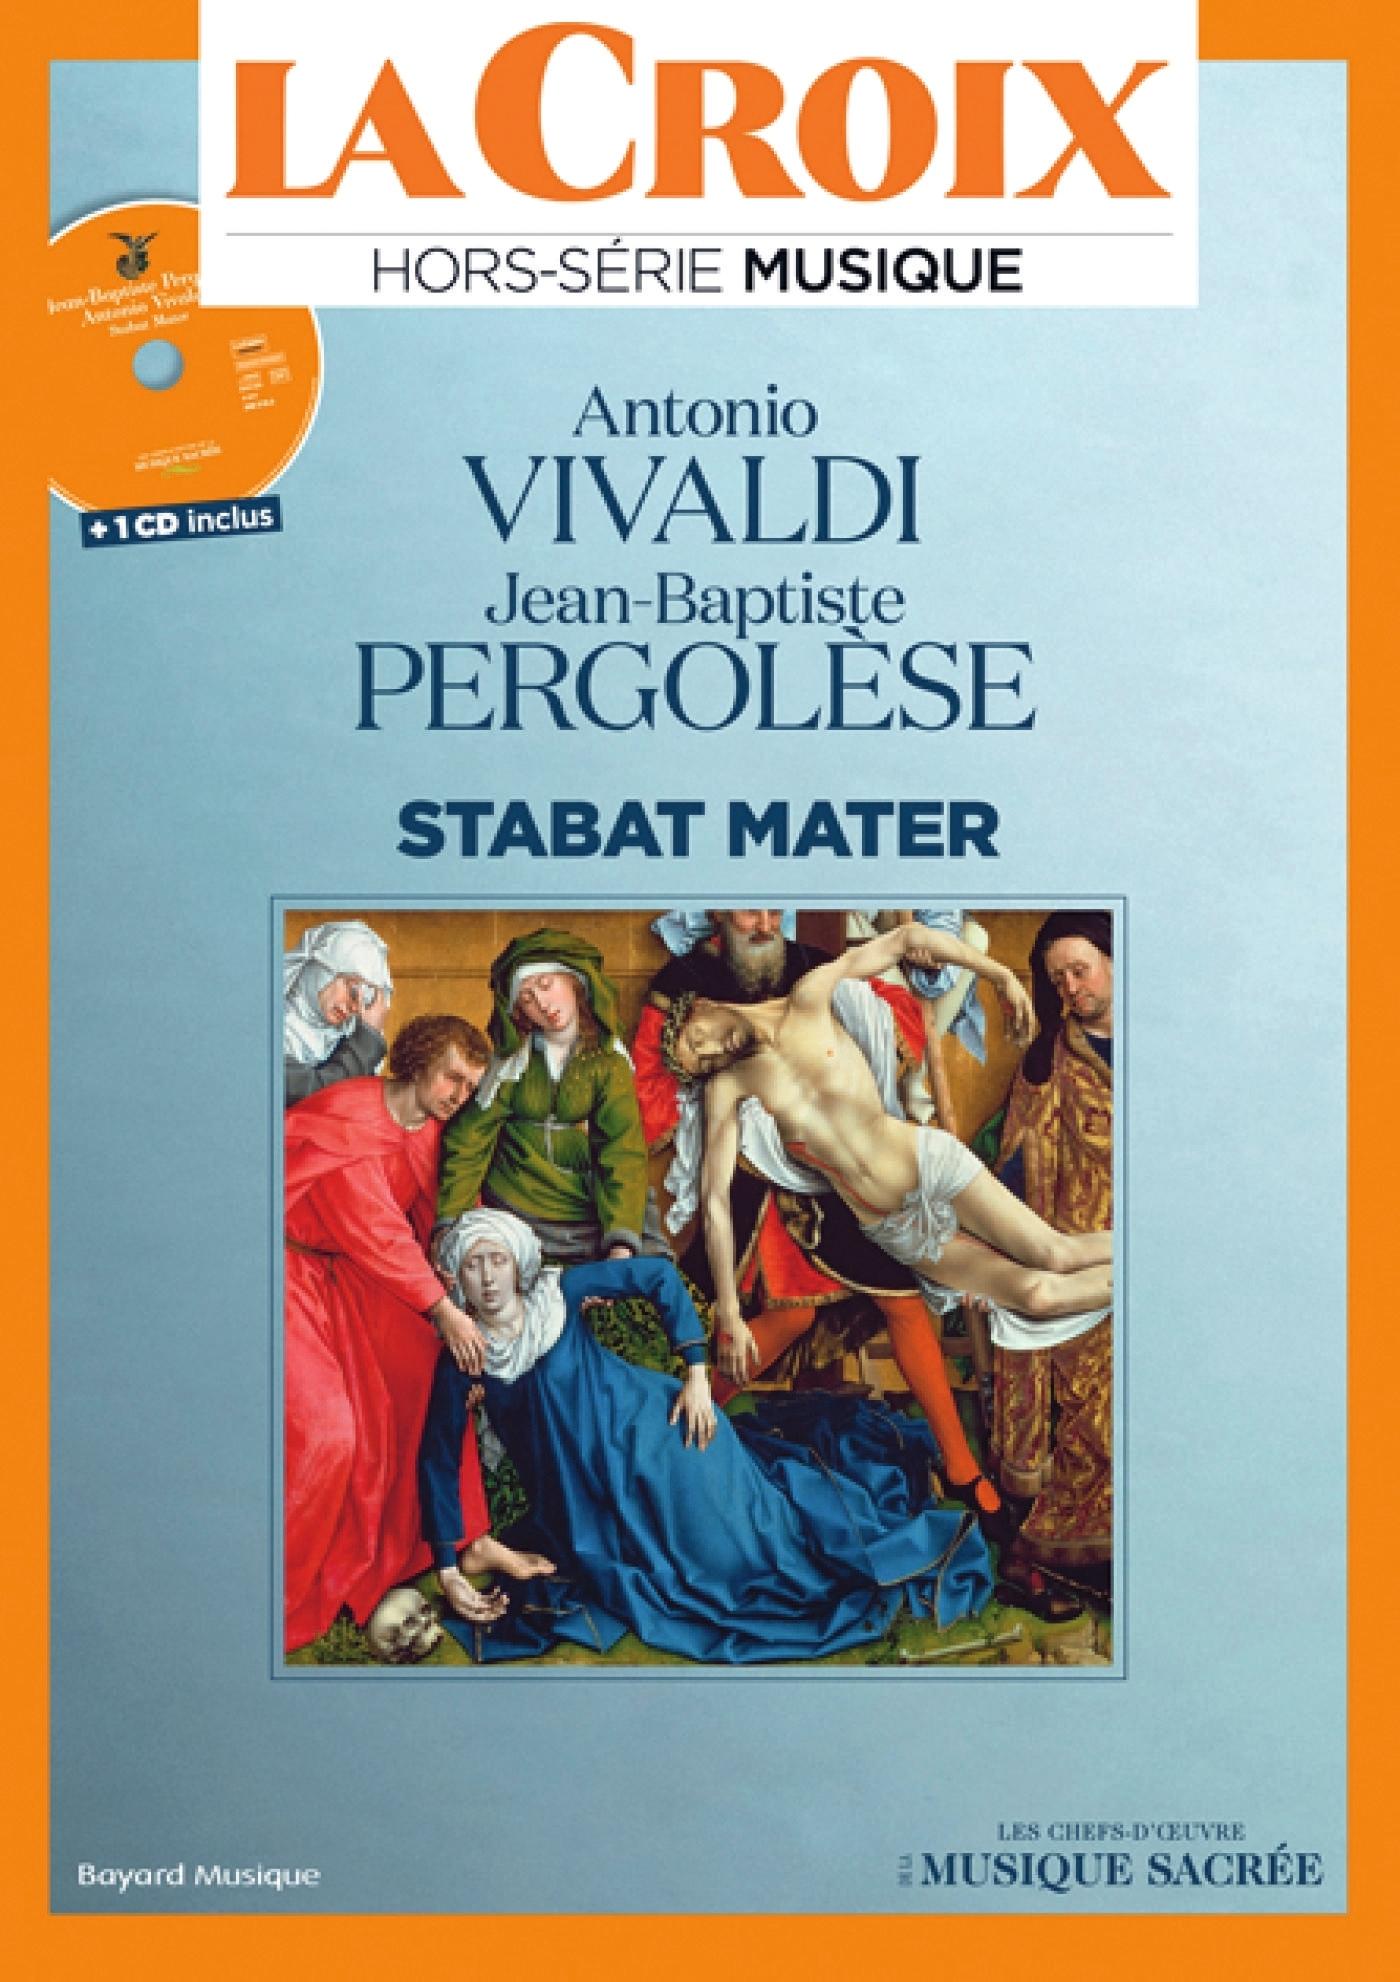 HS LA CROIX MUSIQUE 2 STABAT MATER PERGOLESE VIVALDI